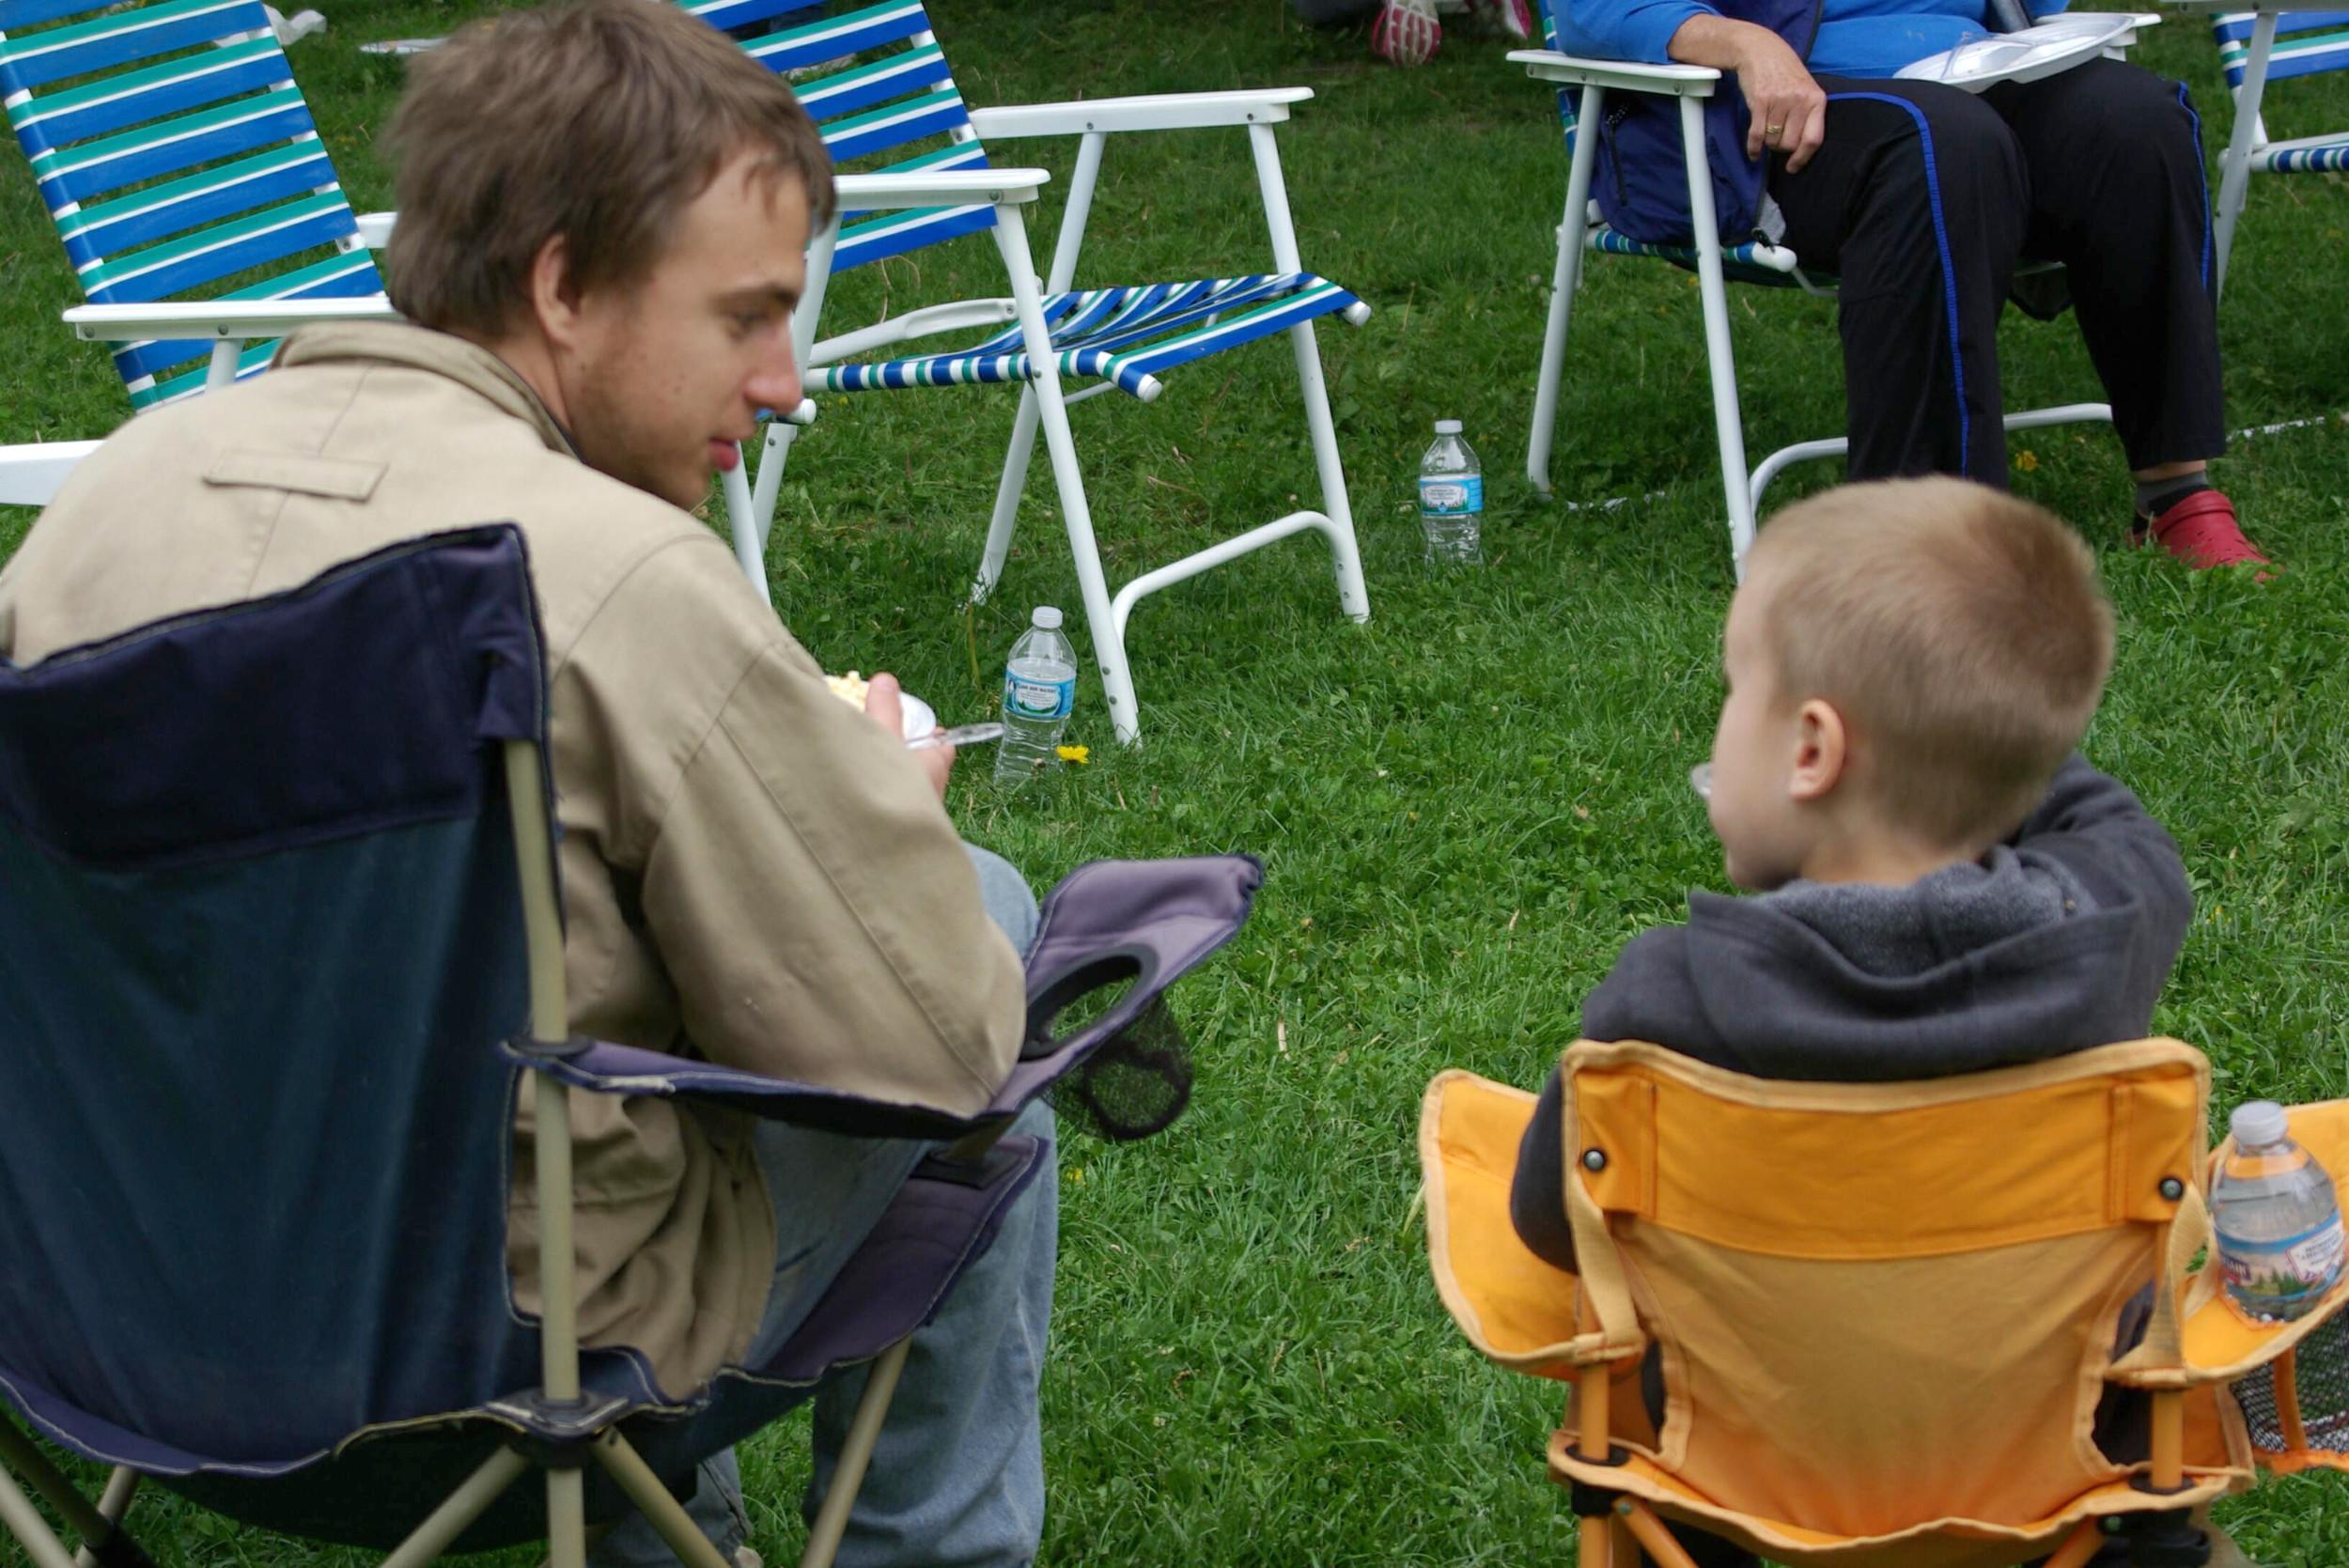 zion-picnic_26986945502_o.jpg